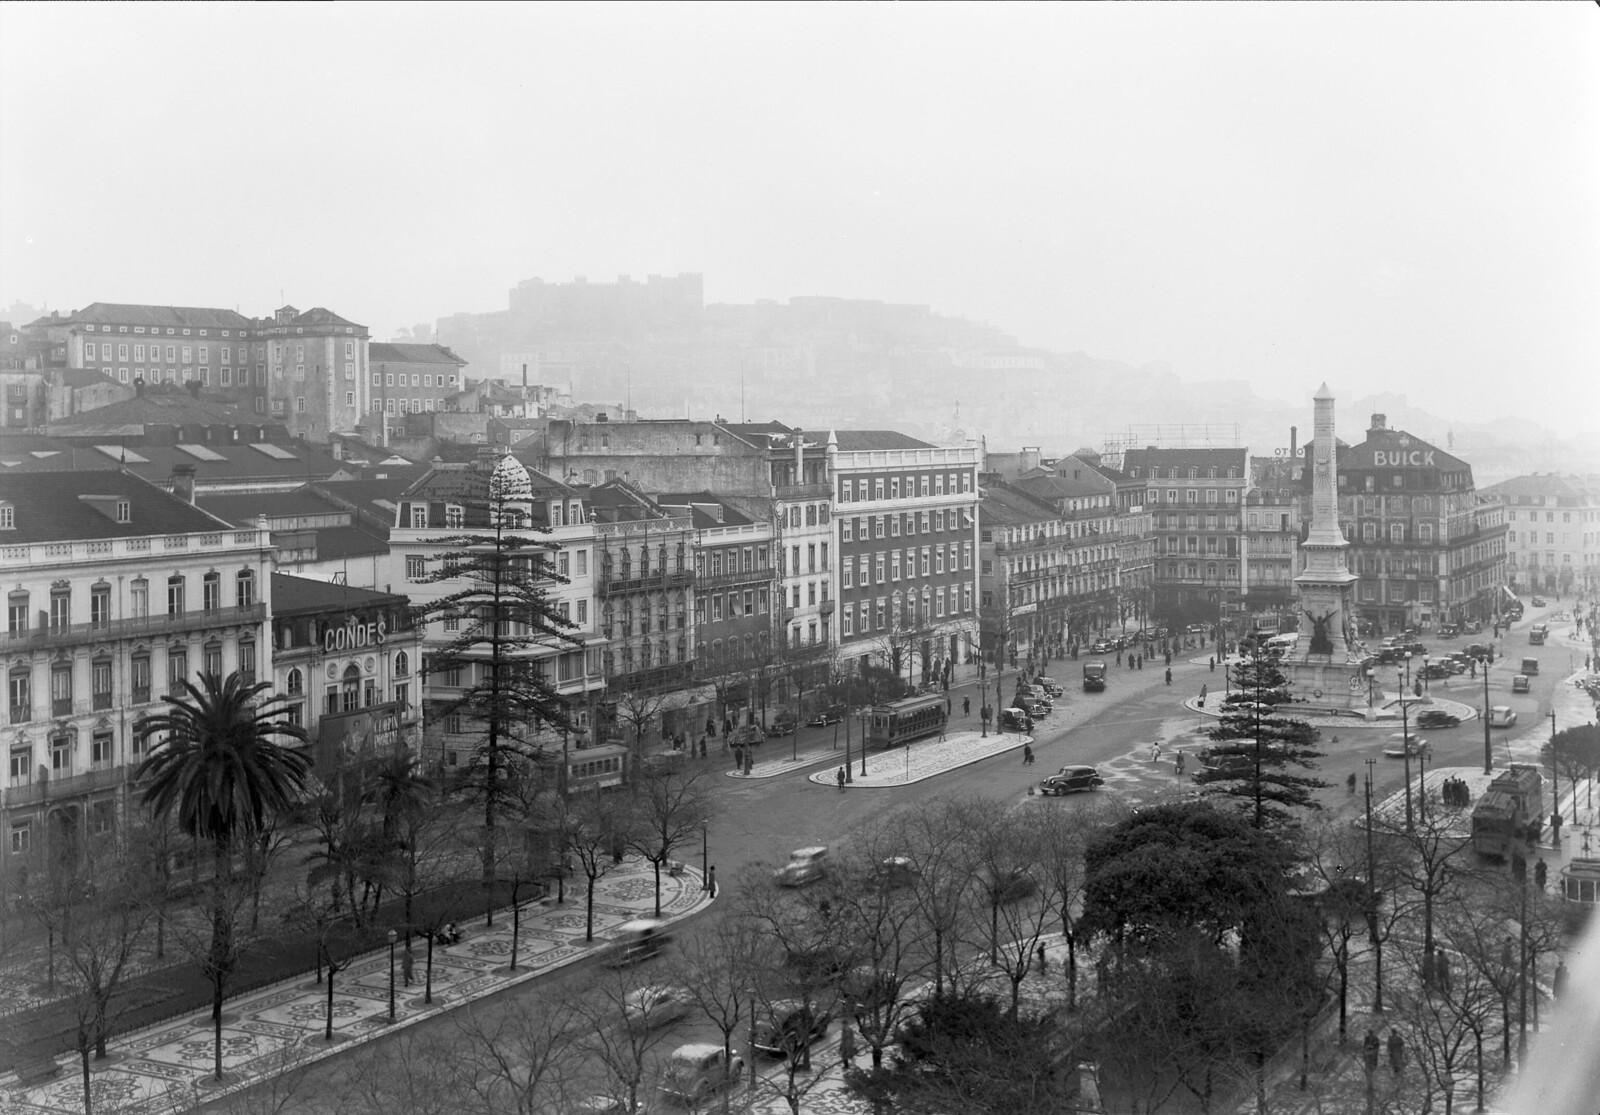 Avenida, Lisboa (M. Novaes, 1947)